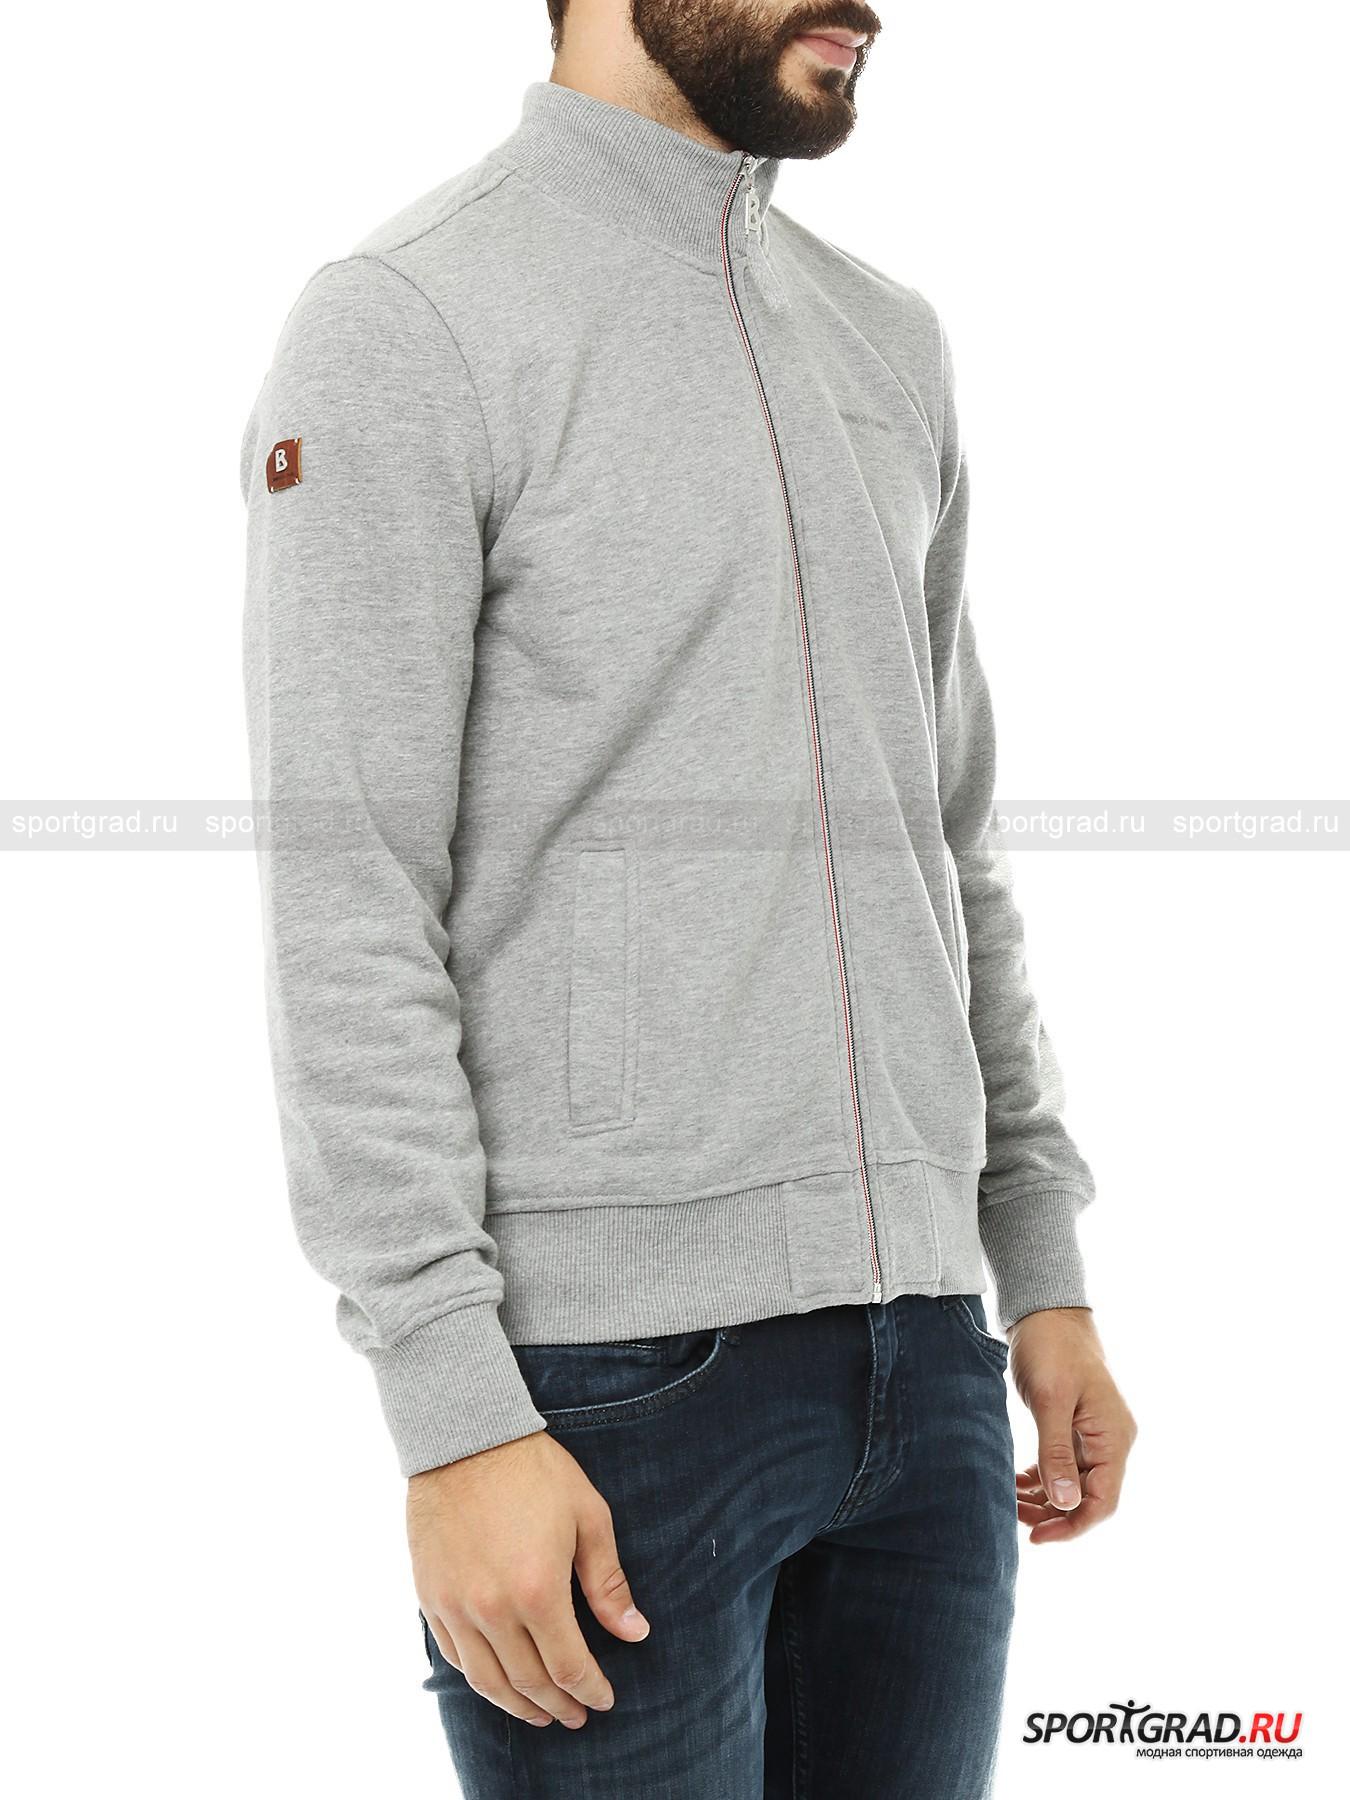 Толстовка мужская  Zip Sweater BOGNER JEANS от Спортград